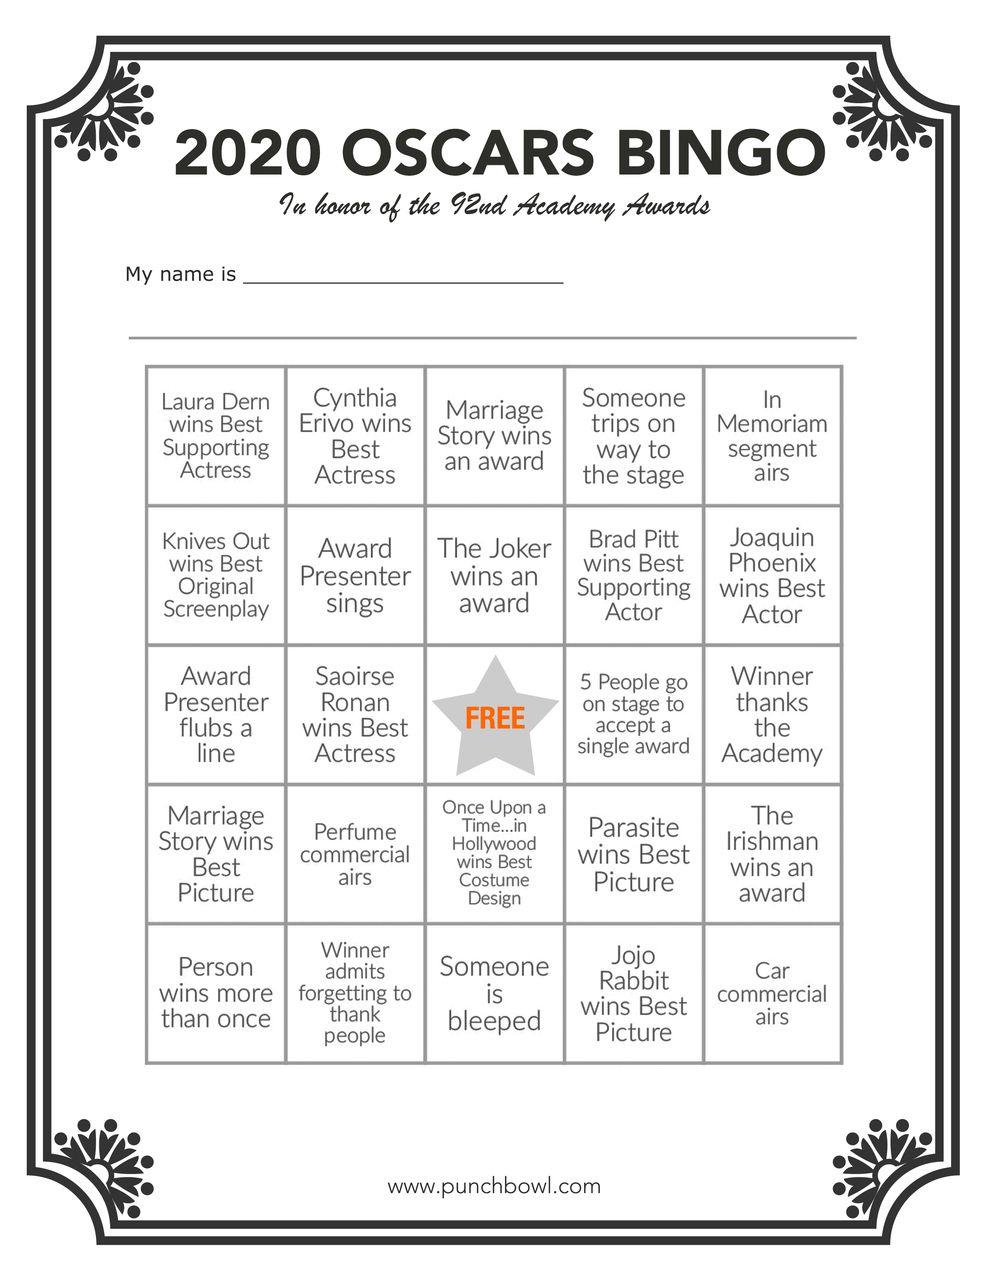 Printable Oscars Bingo In 2020 | Oscar Ballot